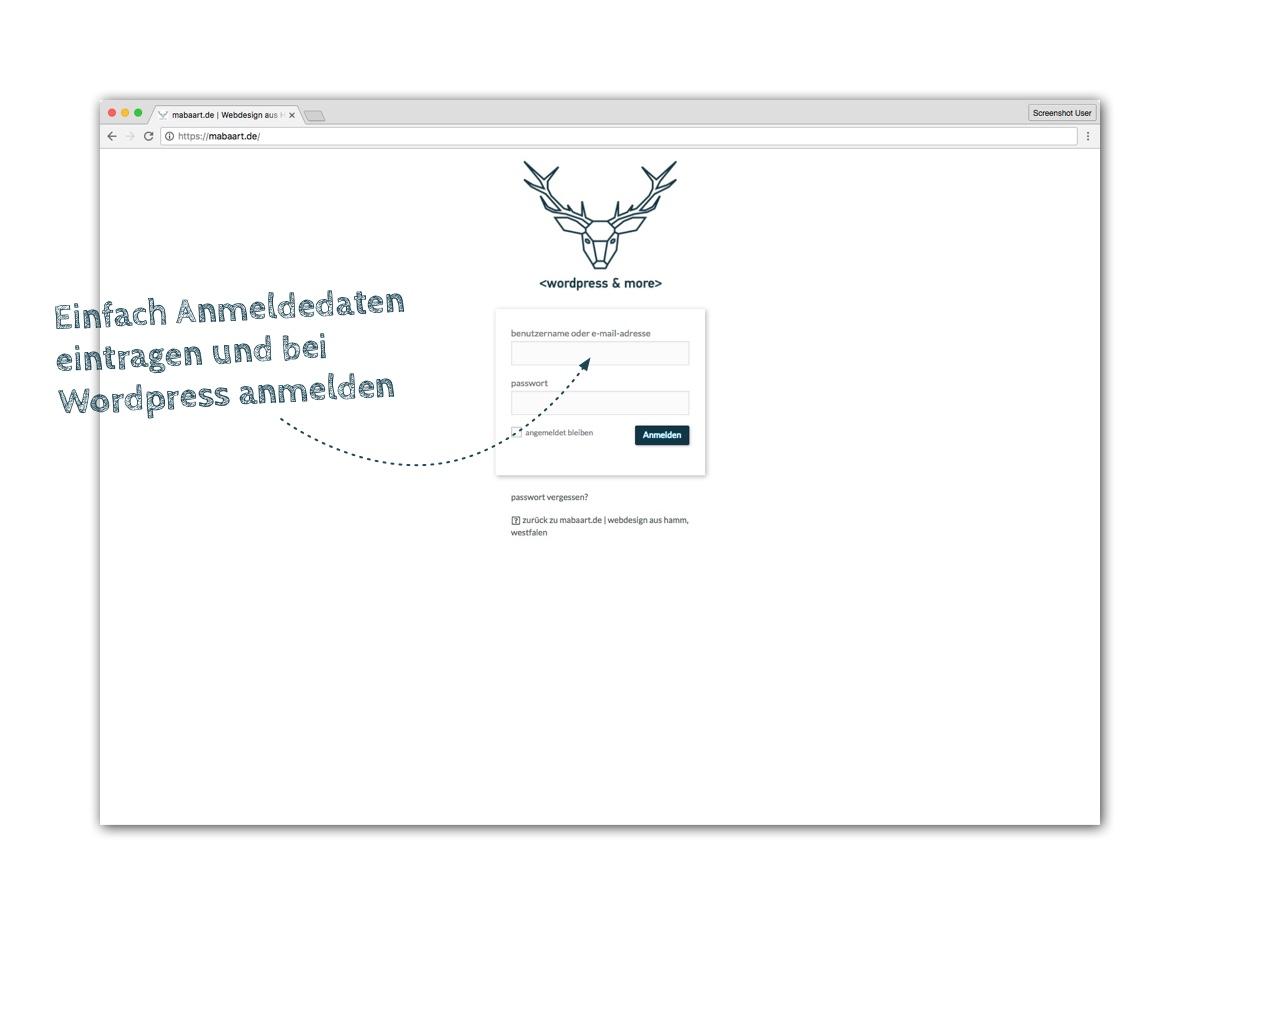 Bildschirmfoto der WordPress-Anmeldemaske